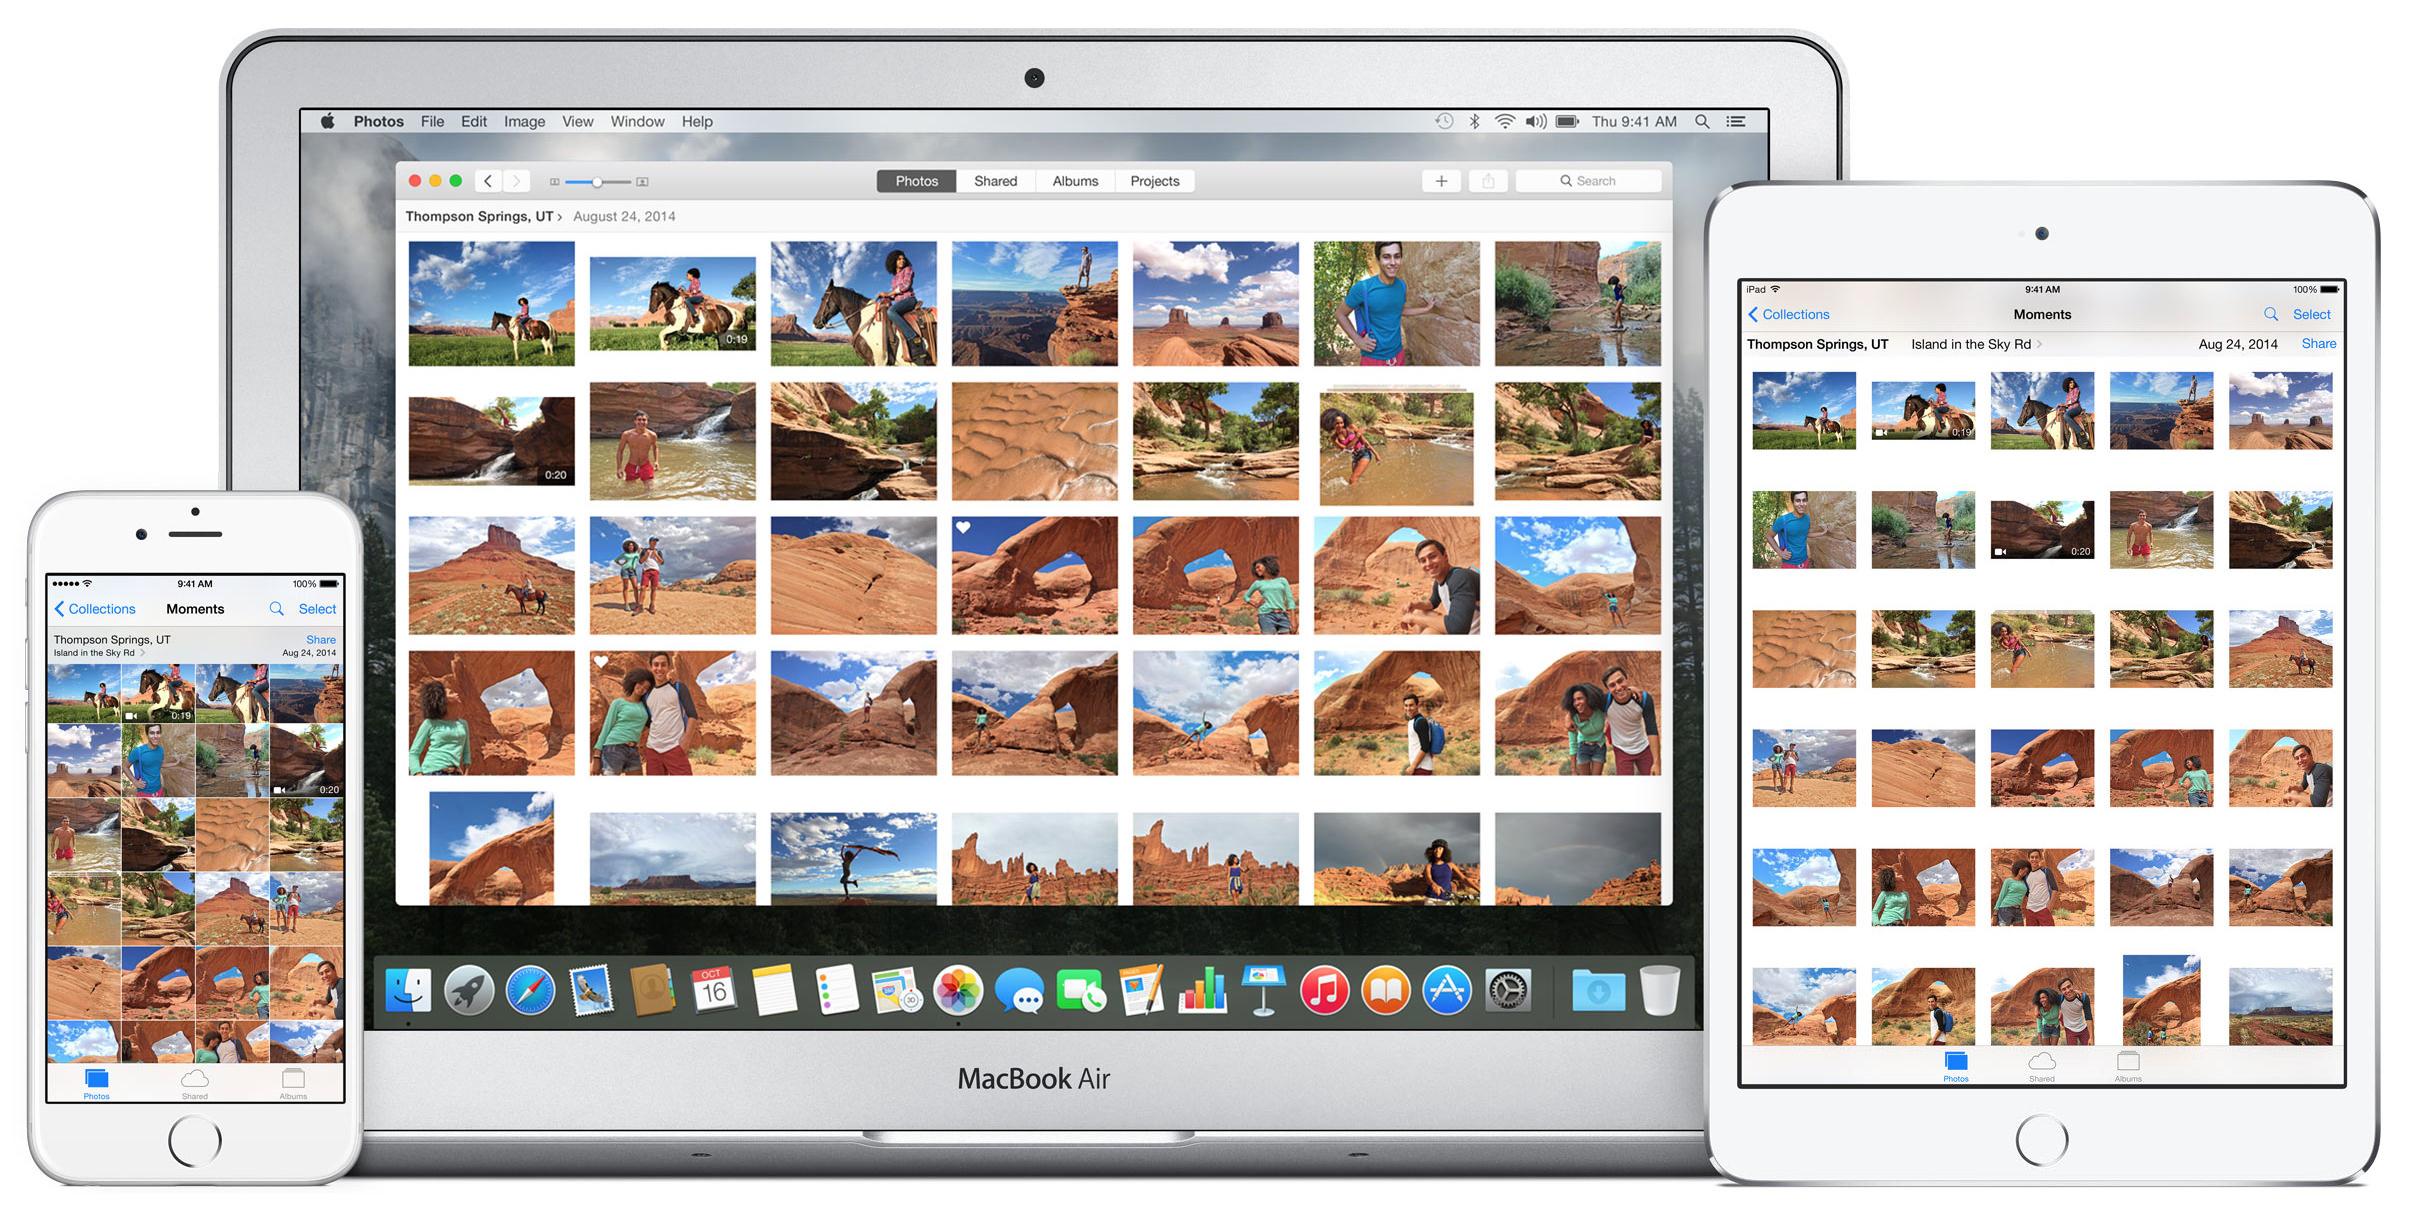 Capture d'écran 2015-02-05 à 21.18.51.jpg